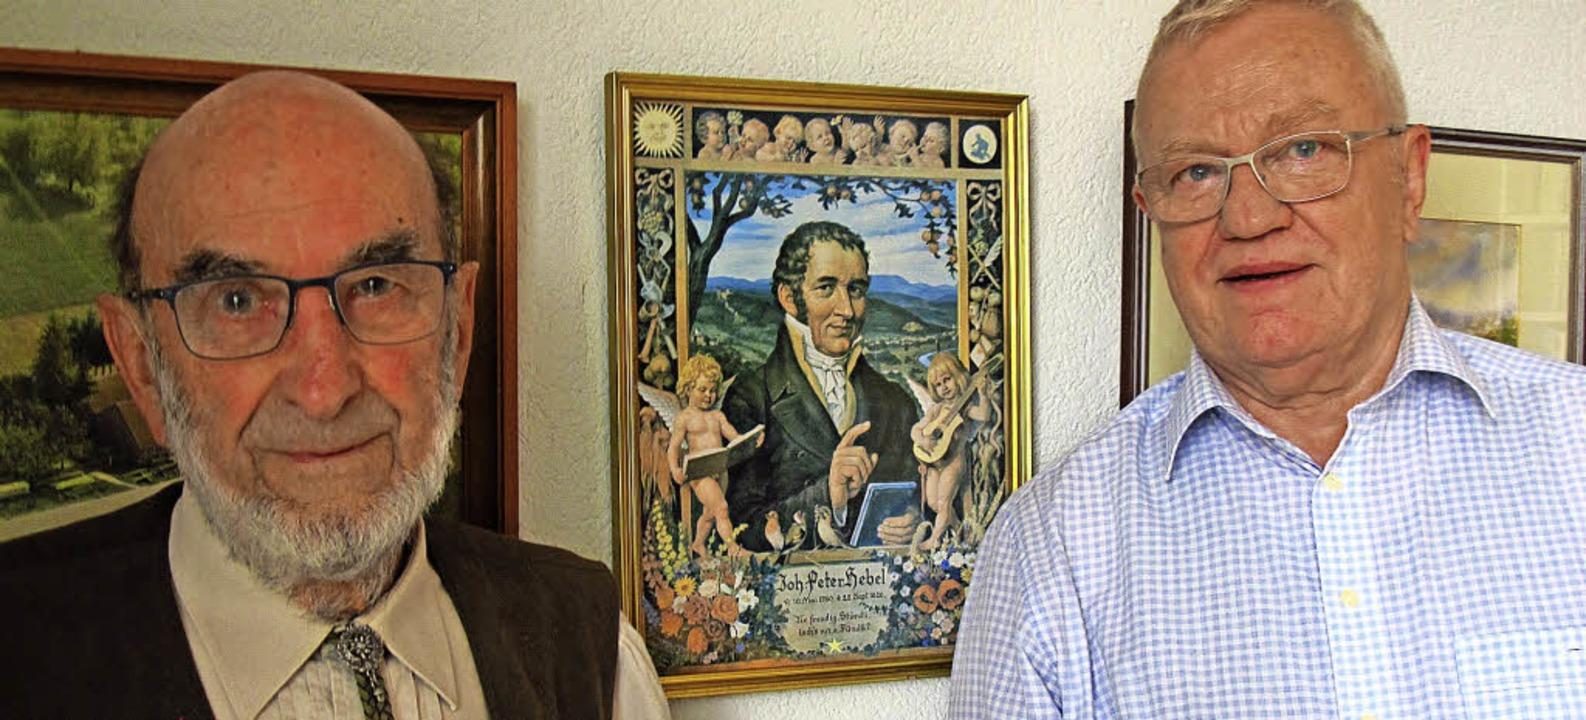 Karl Mannhardt und Jürgen Wolf (v.l.) ...de mit dem Dichter Johann Peter Hebel.  | Foto: Jutta Schütz